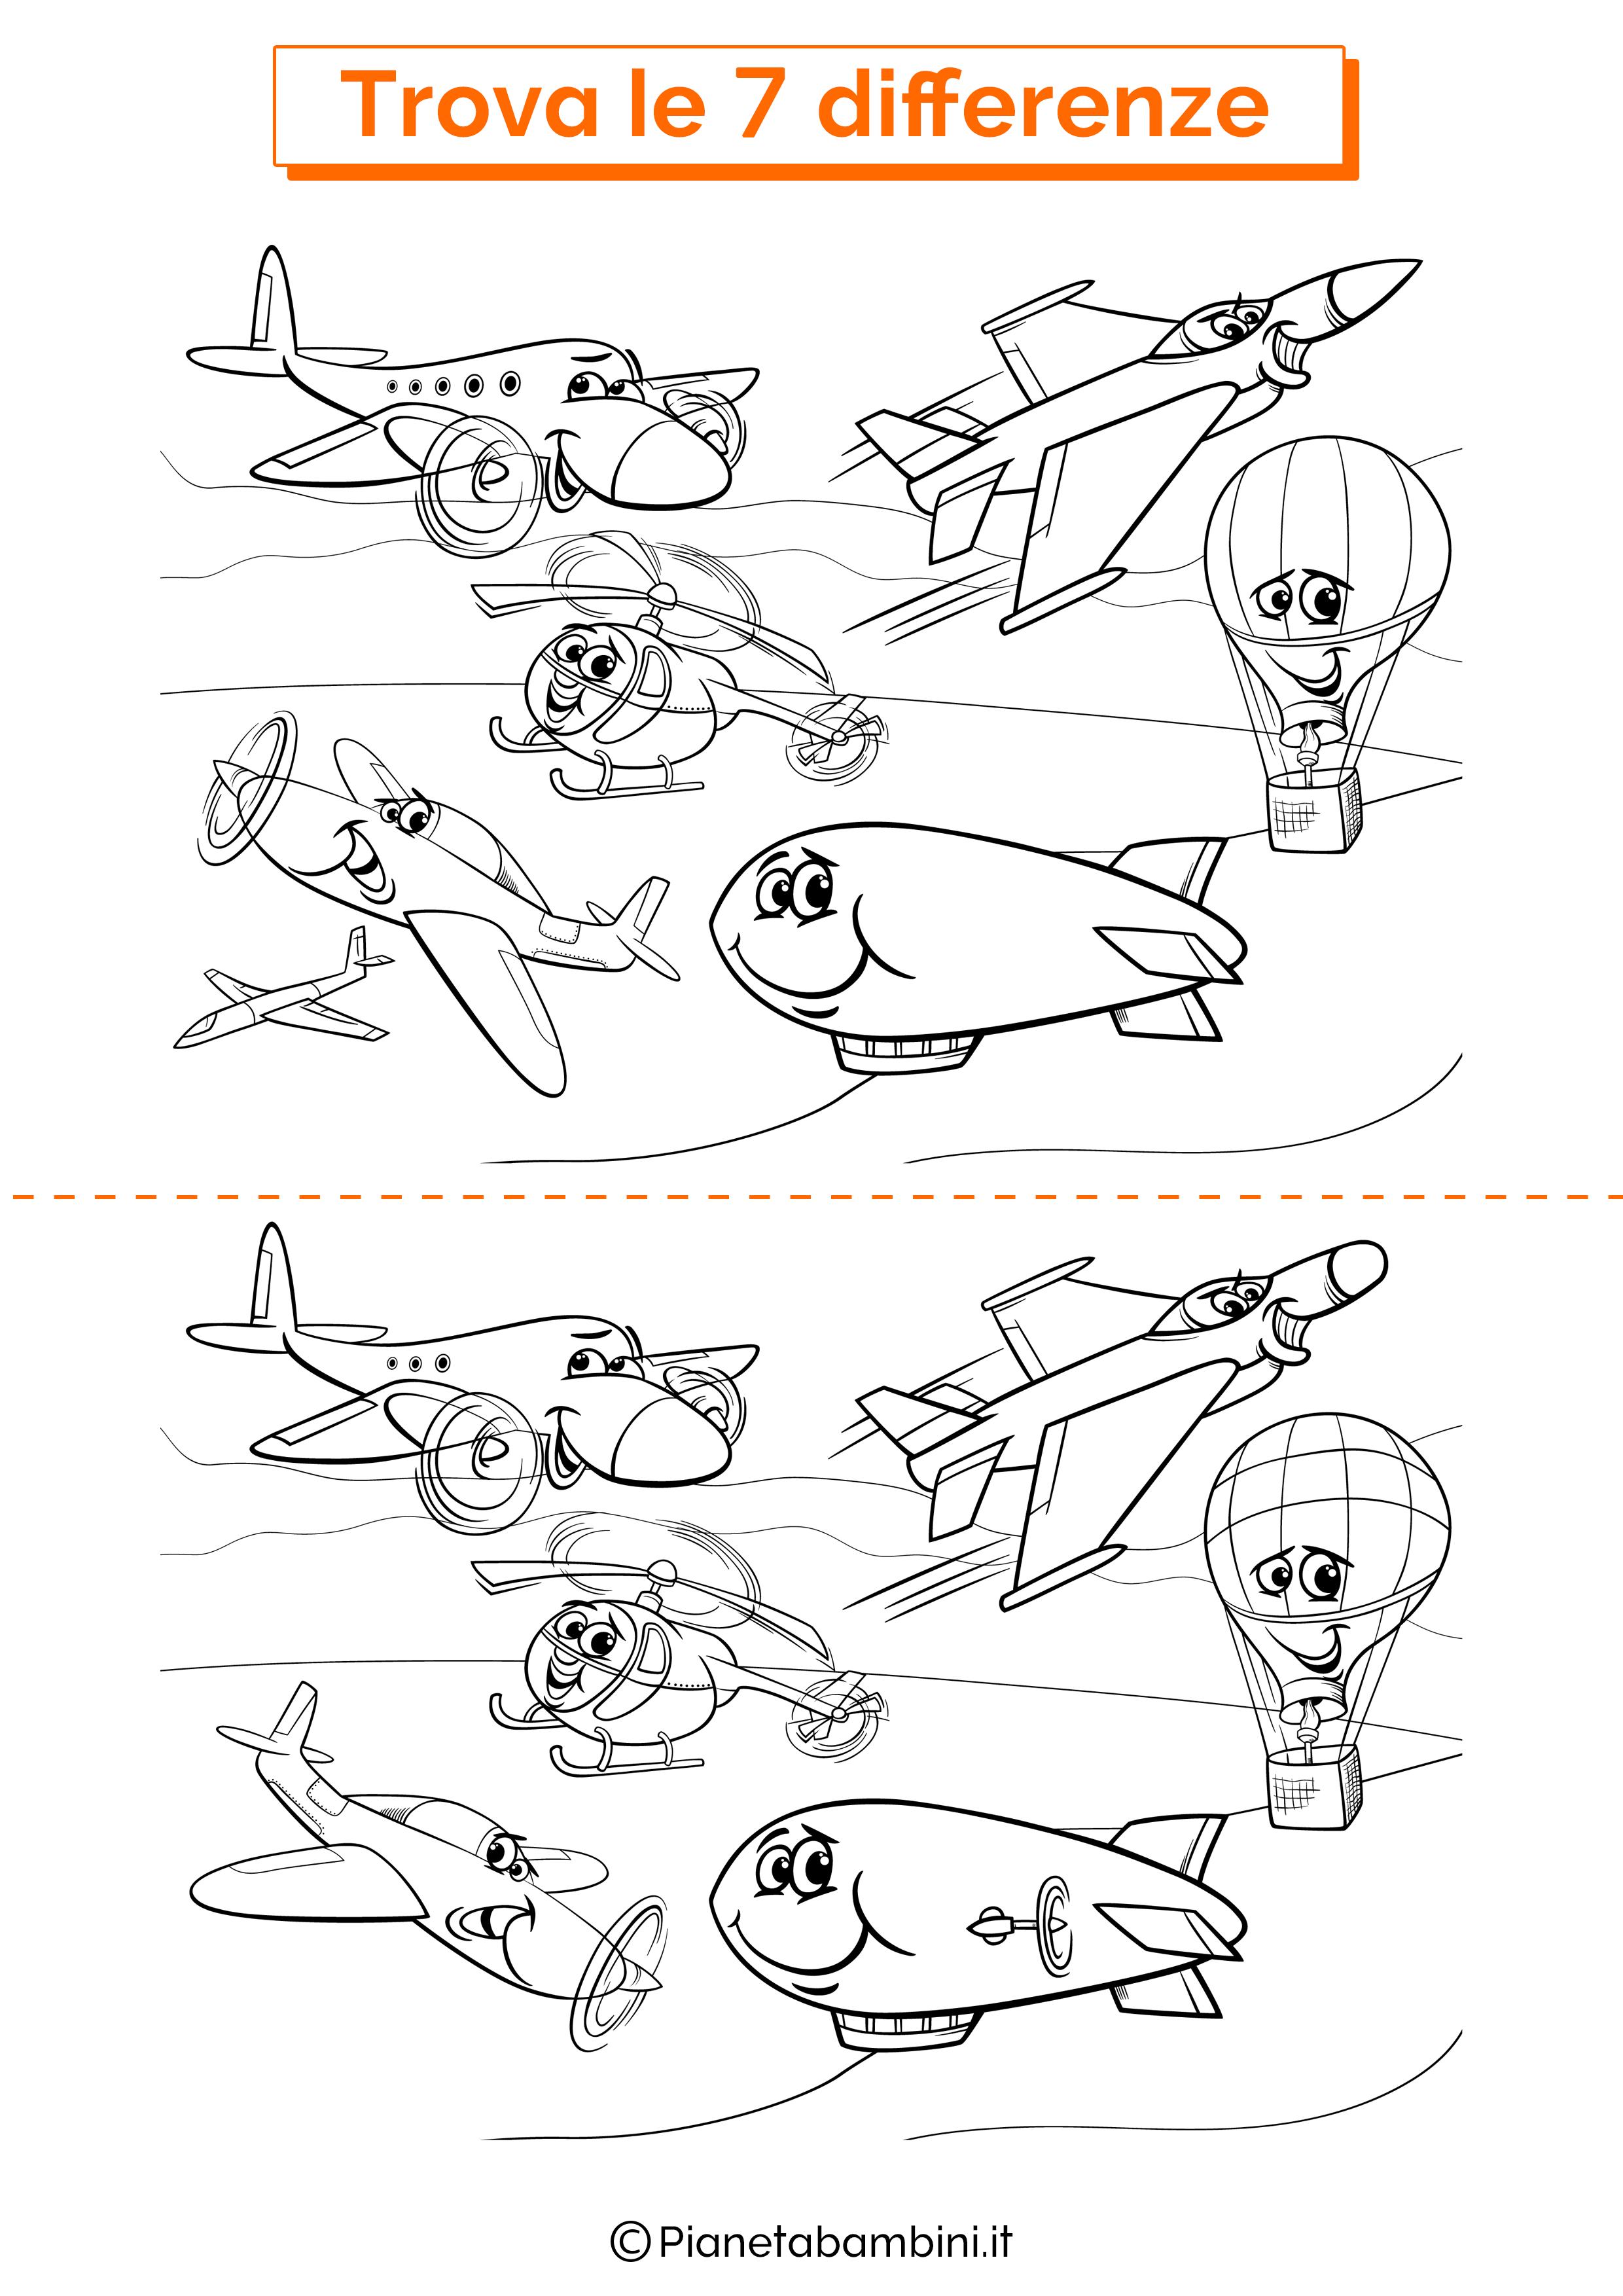 Disegno trova 7 differenze veicoli volanti